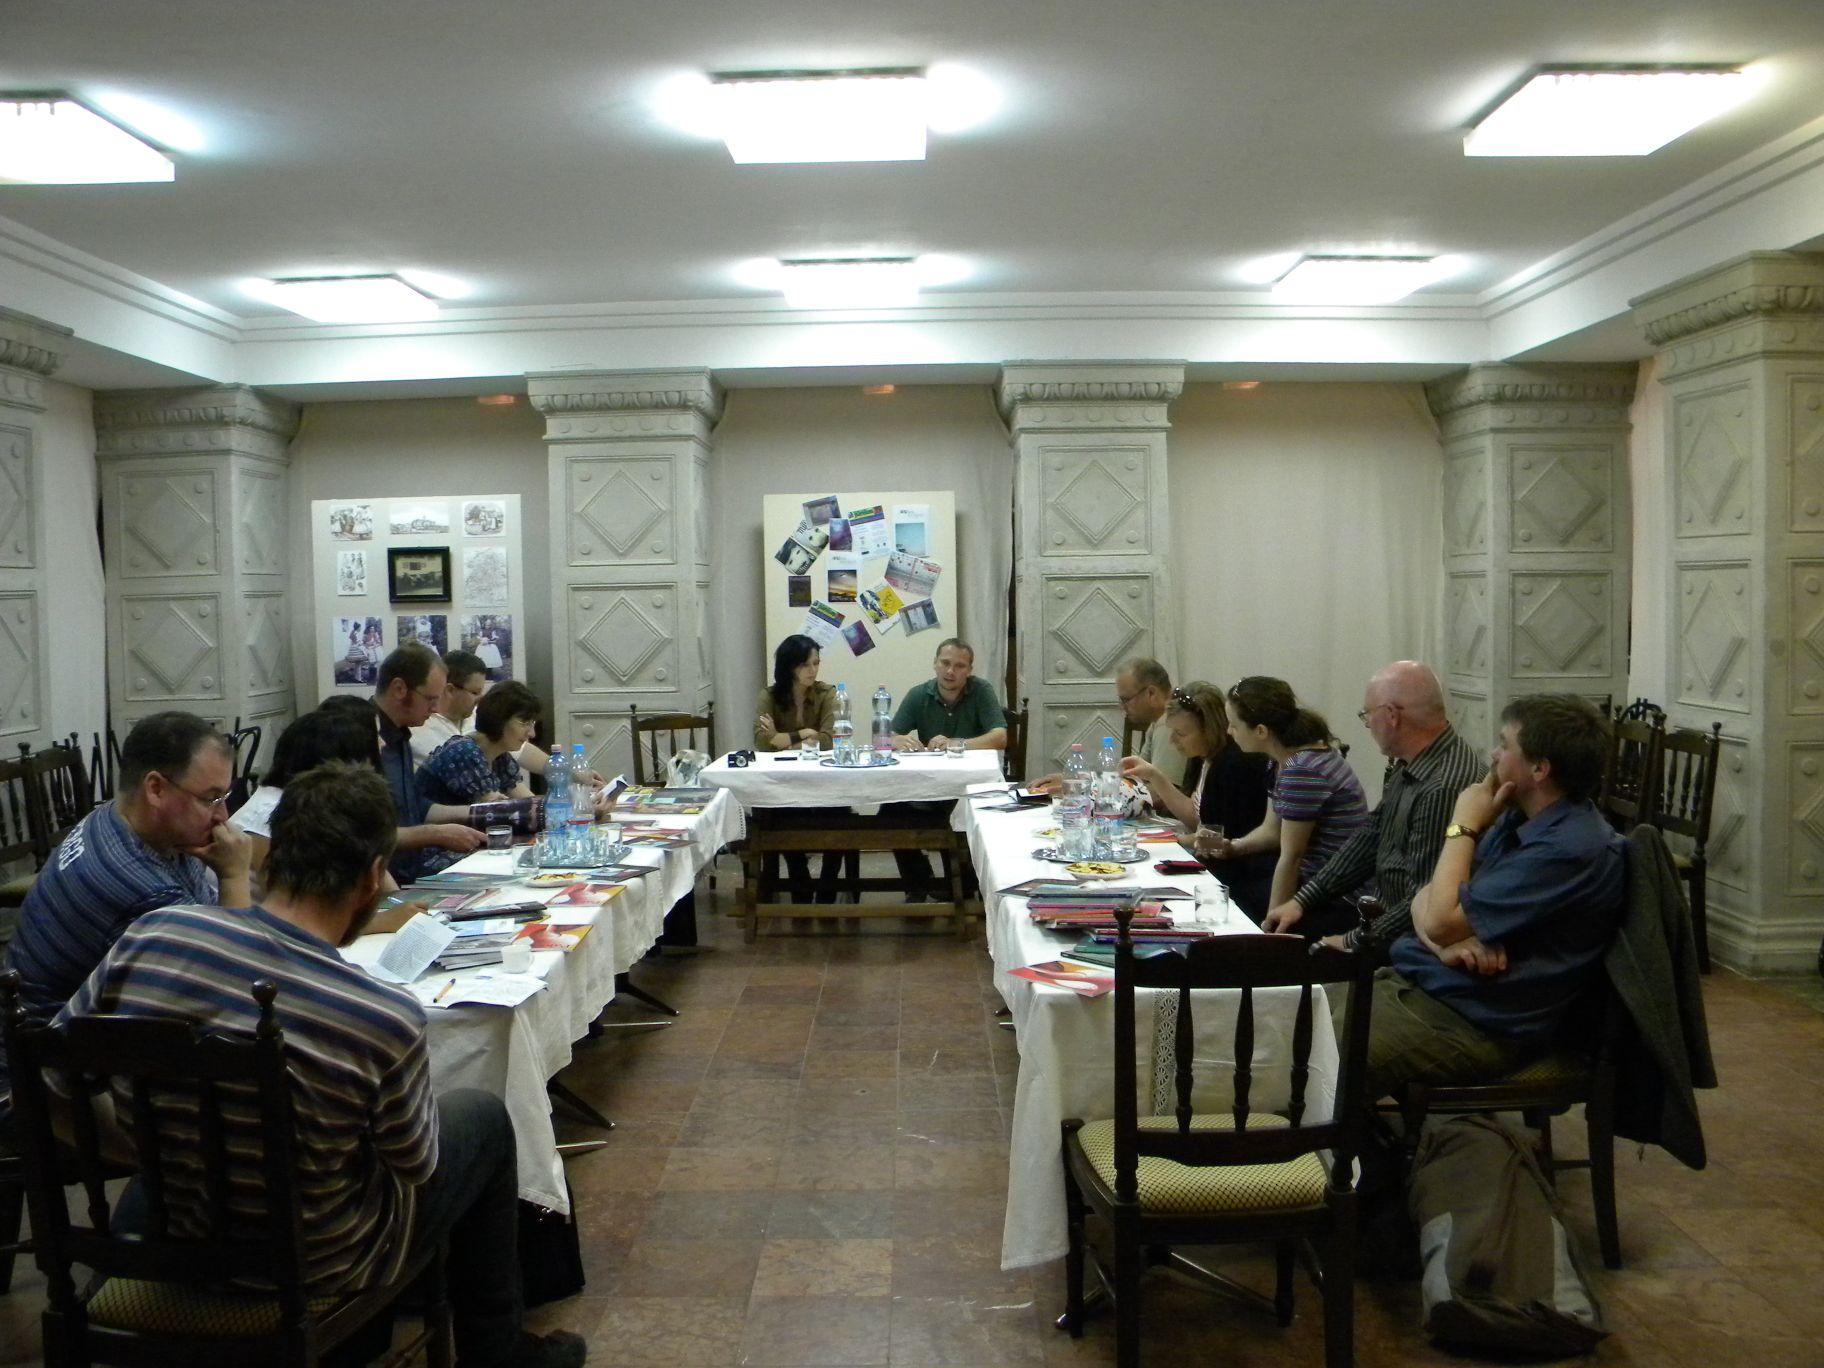 Hagyomány, Kultusz, Innováció - regionális folyóirat-találkozó, Balassagyarmat, 2010. június 19.